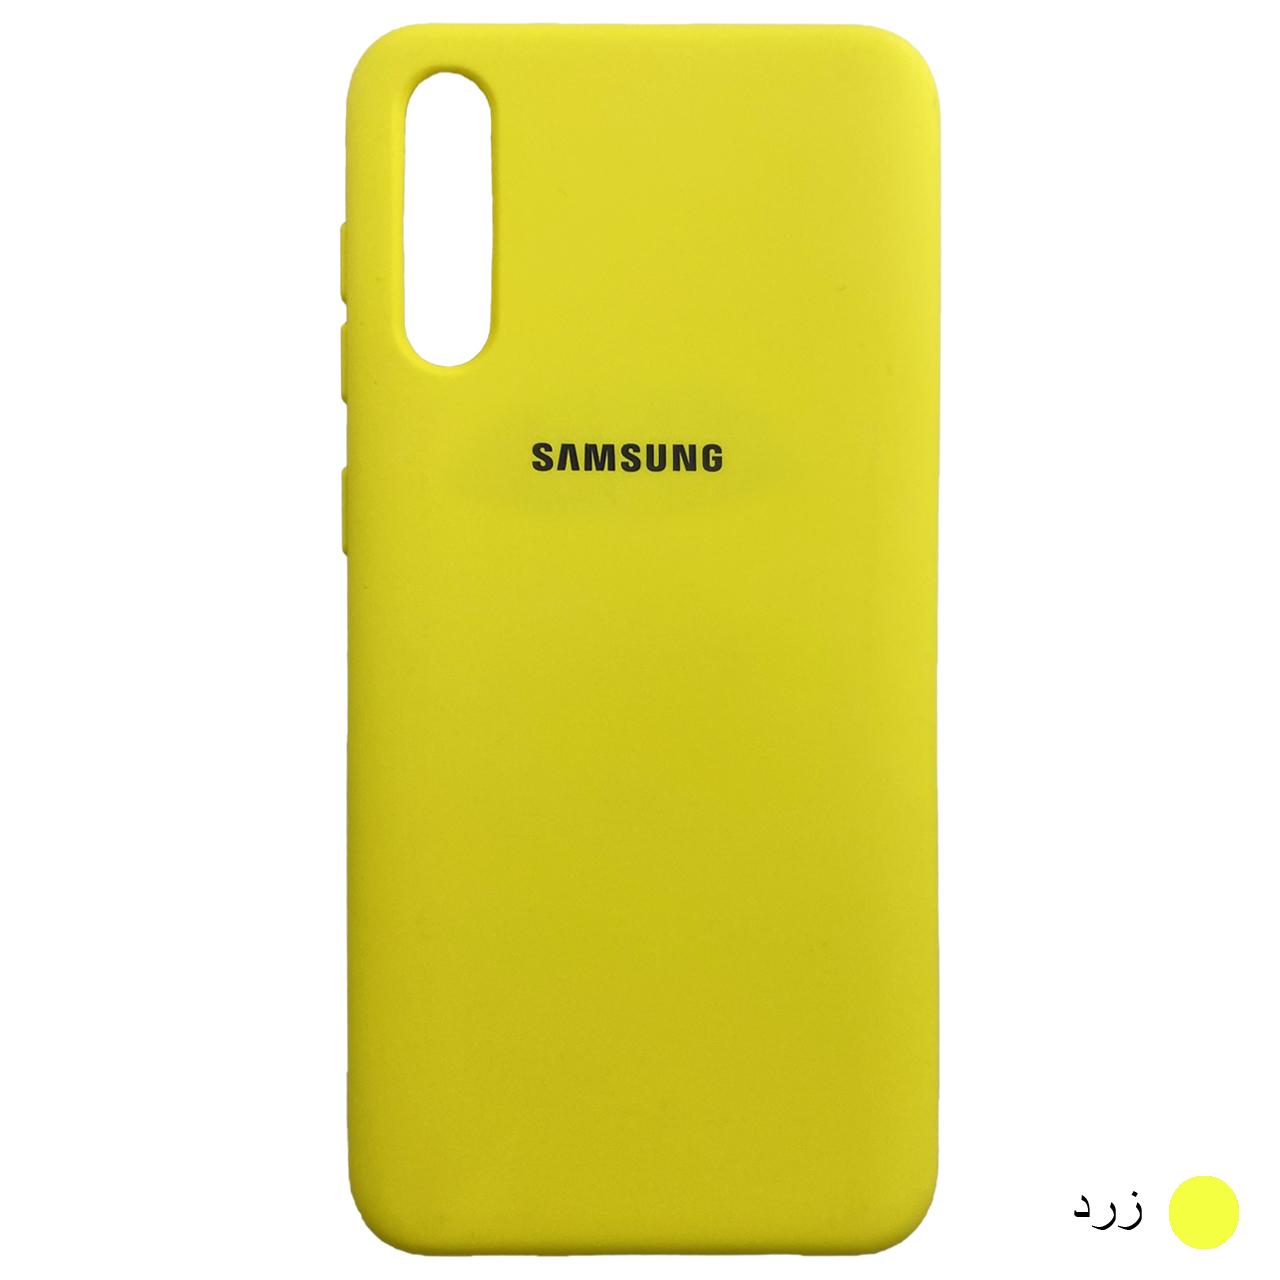 کاور مدل SCN مناسب برای گوشی موبایل سامسونگ Galaxy A50 / A50s / A30s main 1 6